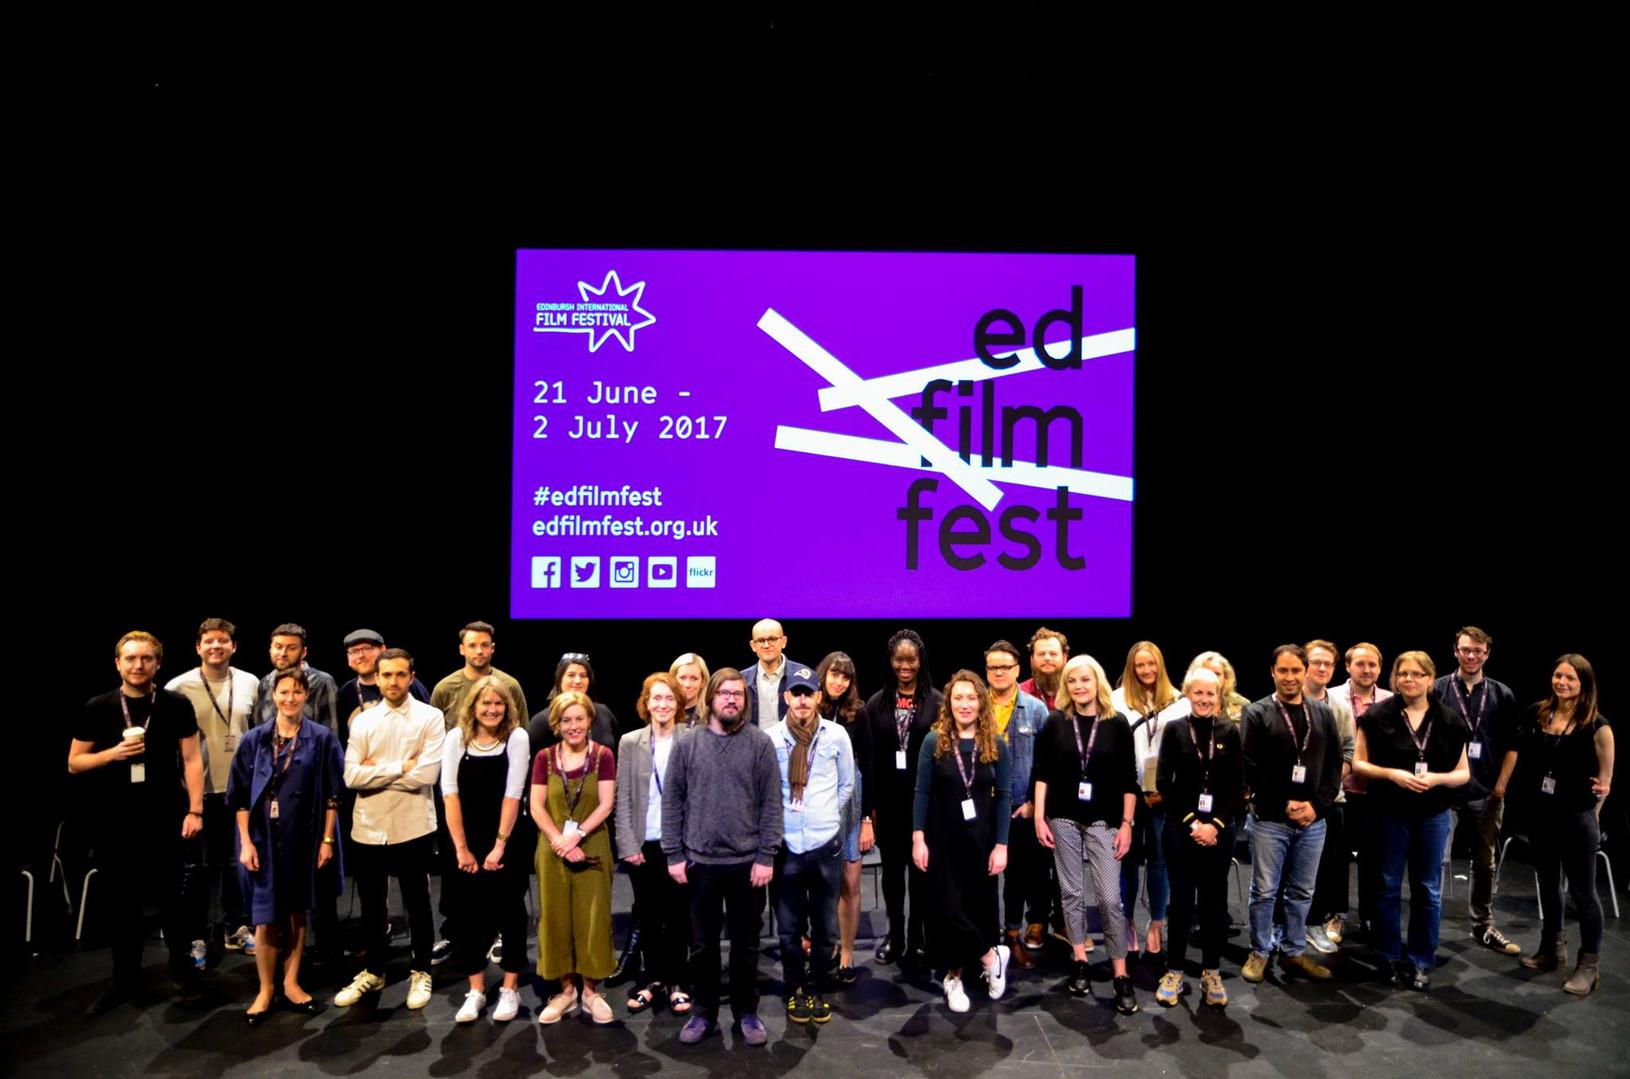 EIFF Talent Lab